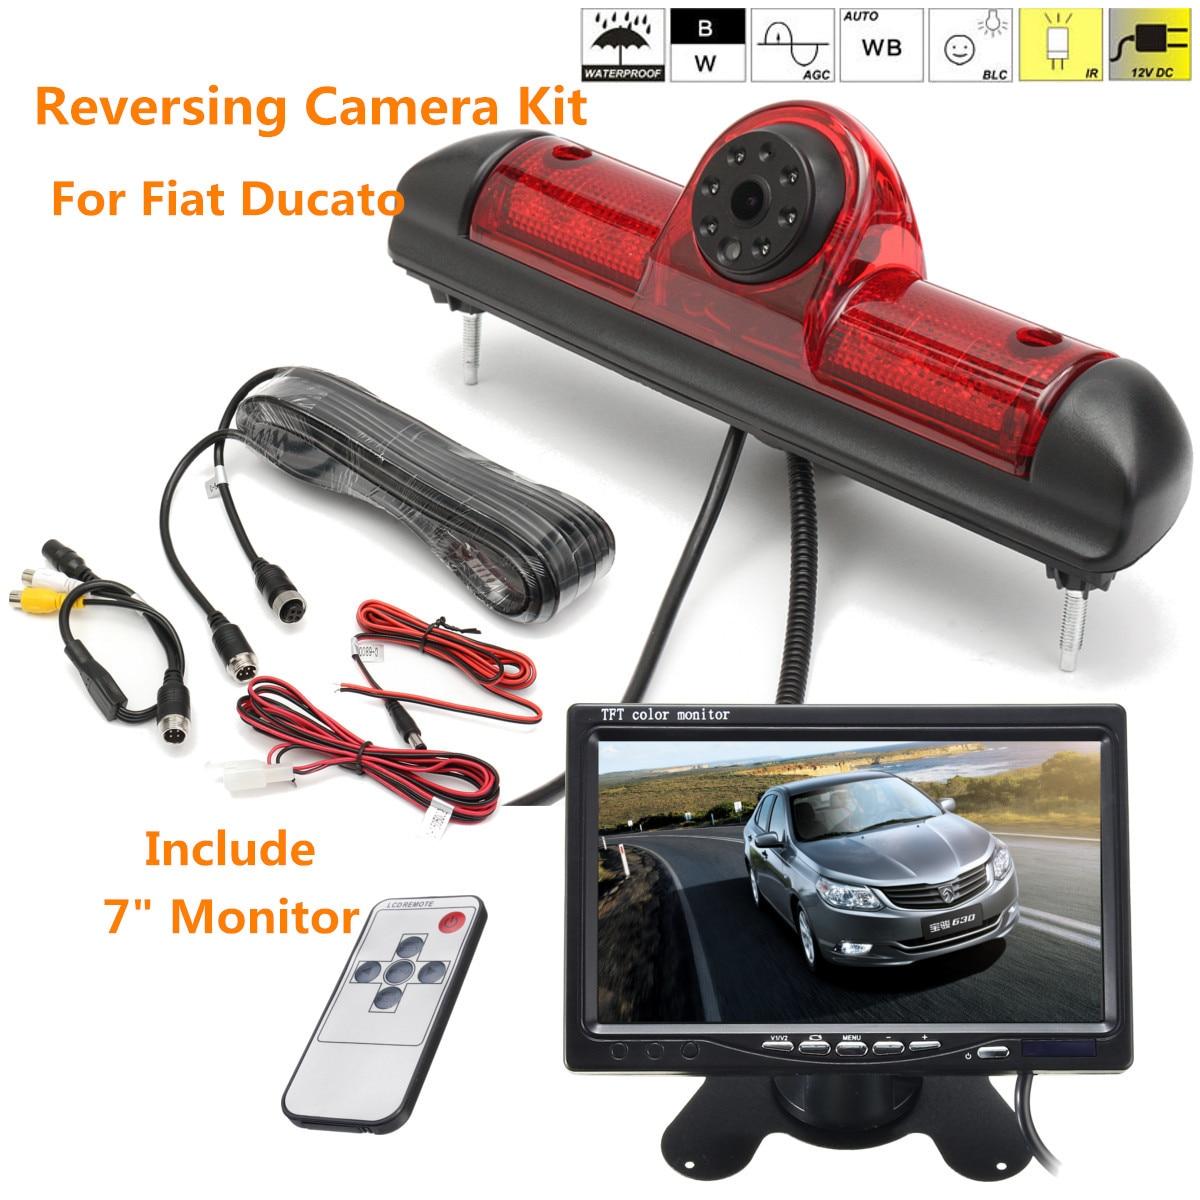 Podofo беспроводная камера заднего вида и ИК ночного видения 7 автомобильный монитор Комплект для грузовика автобуса каравана прицепа обратн... - 2